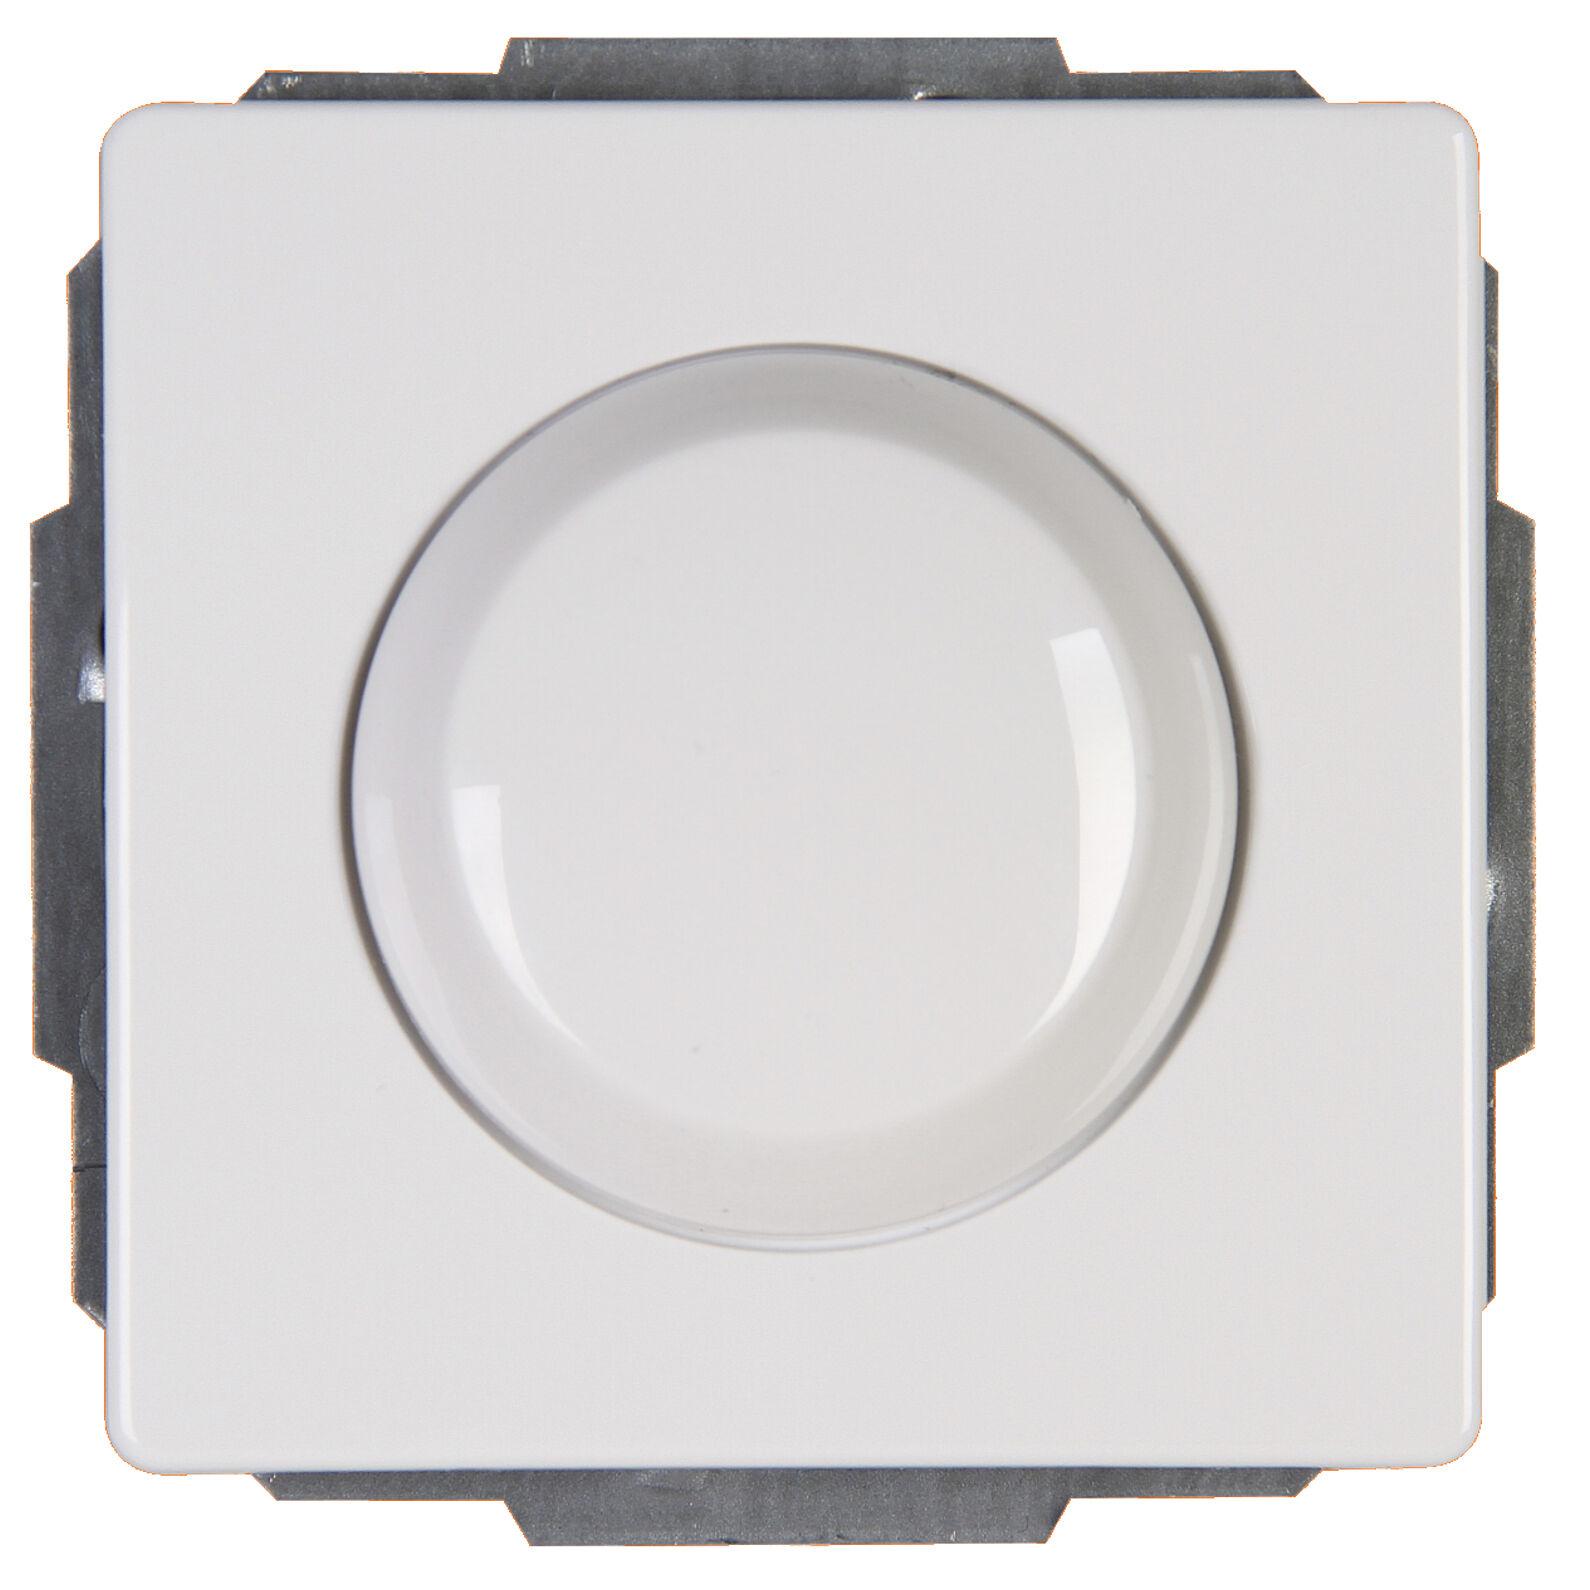 Kopp Wippen-Wechsel-Dimmer Venedig 20-275 W VA Phasenabschnitt rein-weiß Neuware | | | Sehr gute Farbe  ac3fda